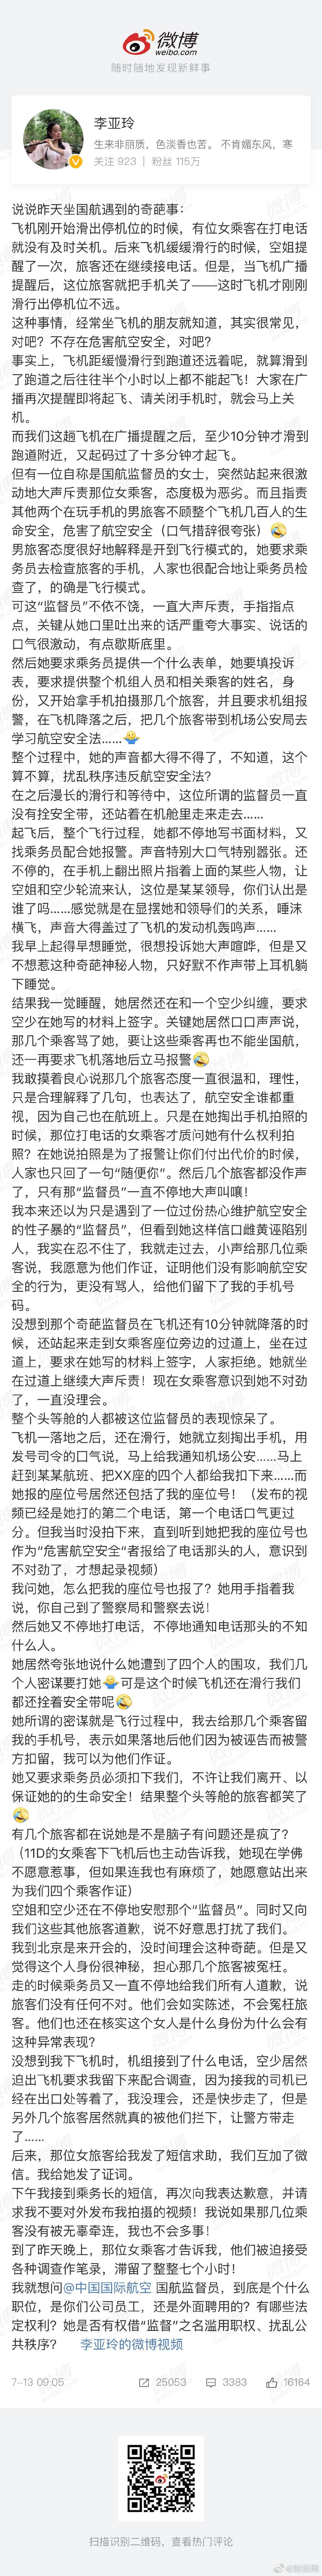 国航未设置监督员 编剧李亚玲回应乘国航遭监督员投诉事件详情曝光